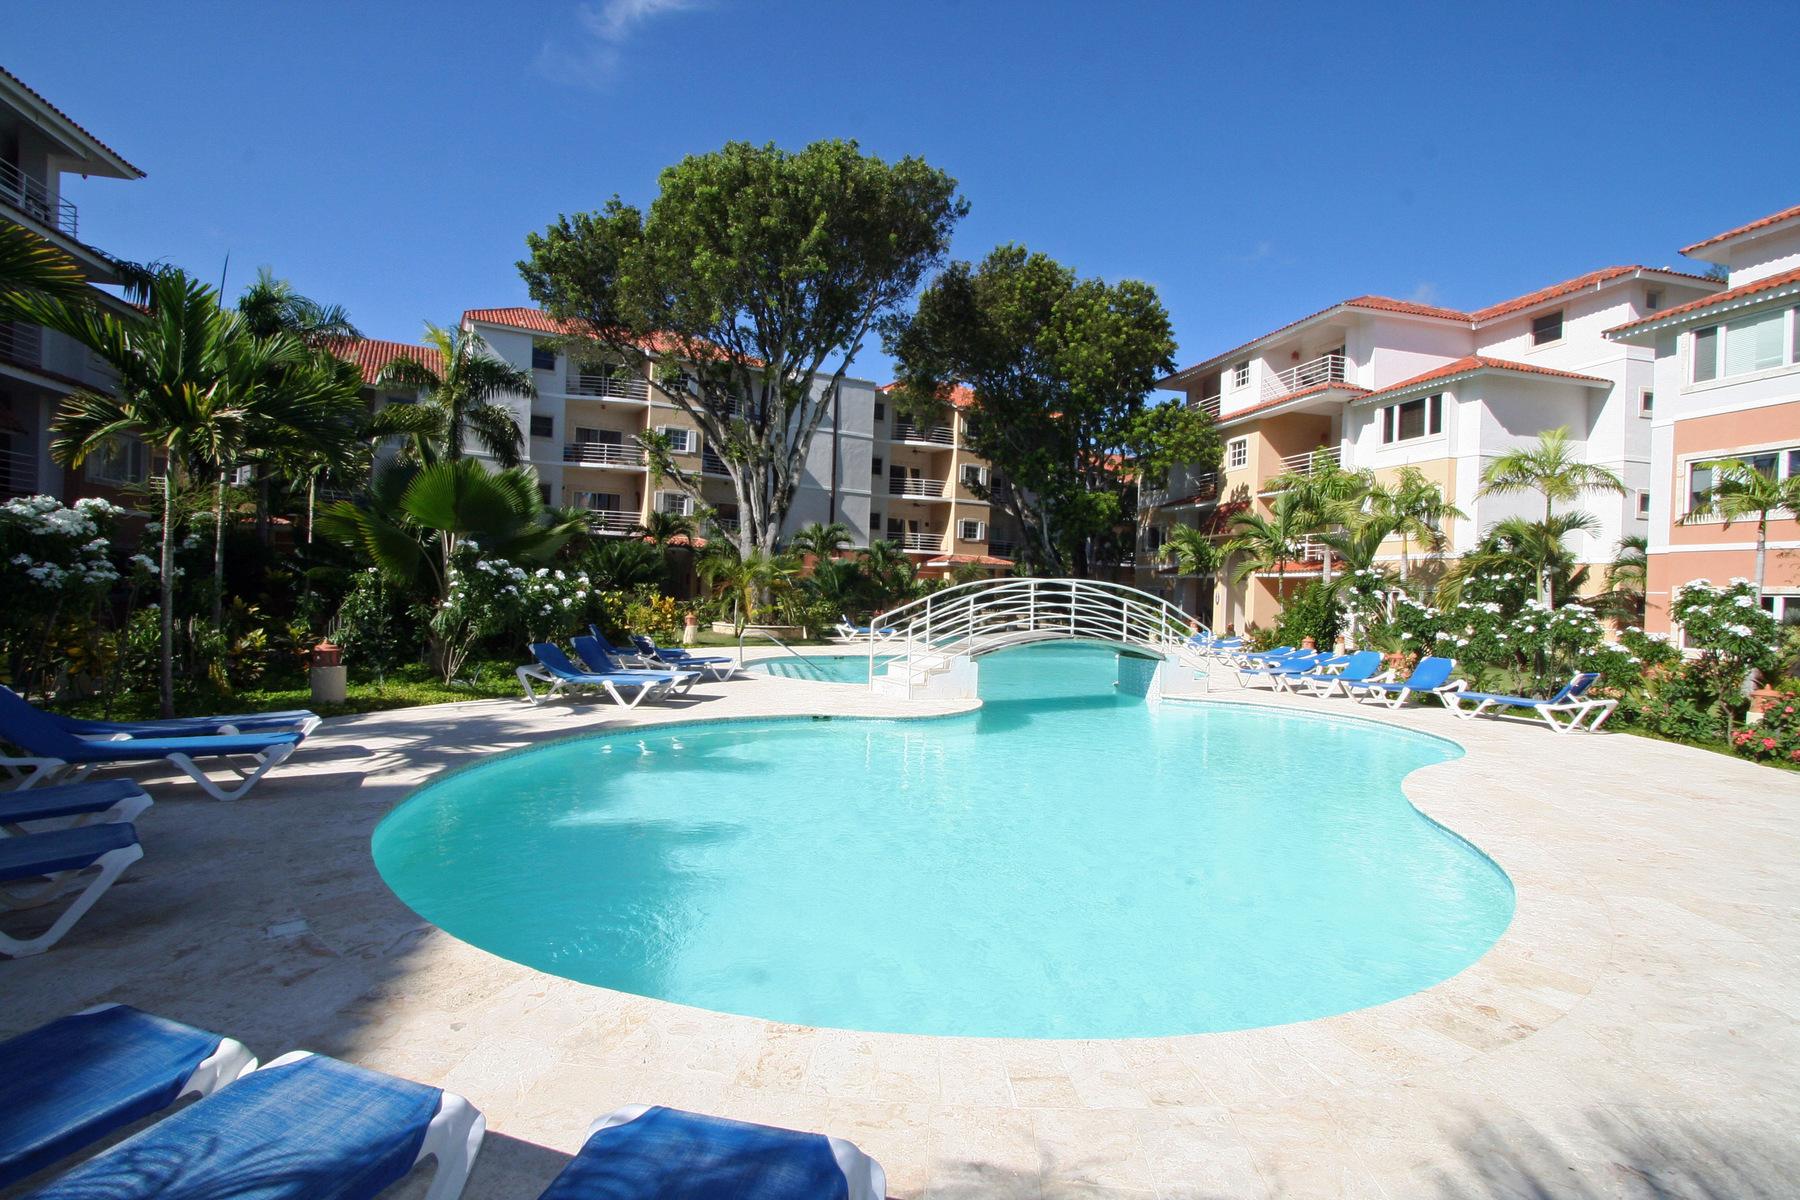 Condominium for Rent at Ocean One 3336 RENTAL Ocean One 3336 Cabarete, Puerto Plata 57000 Dominican Republic